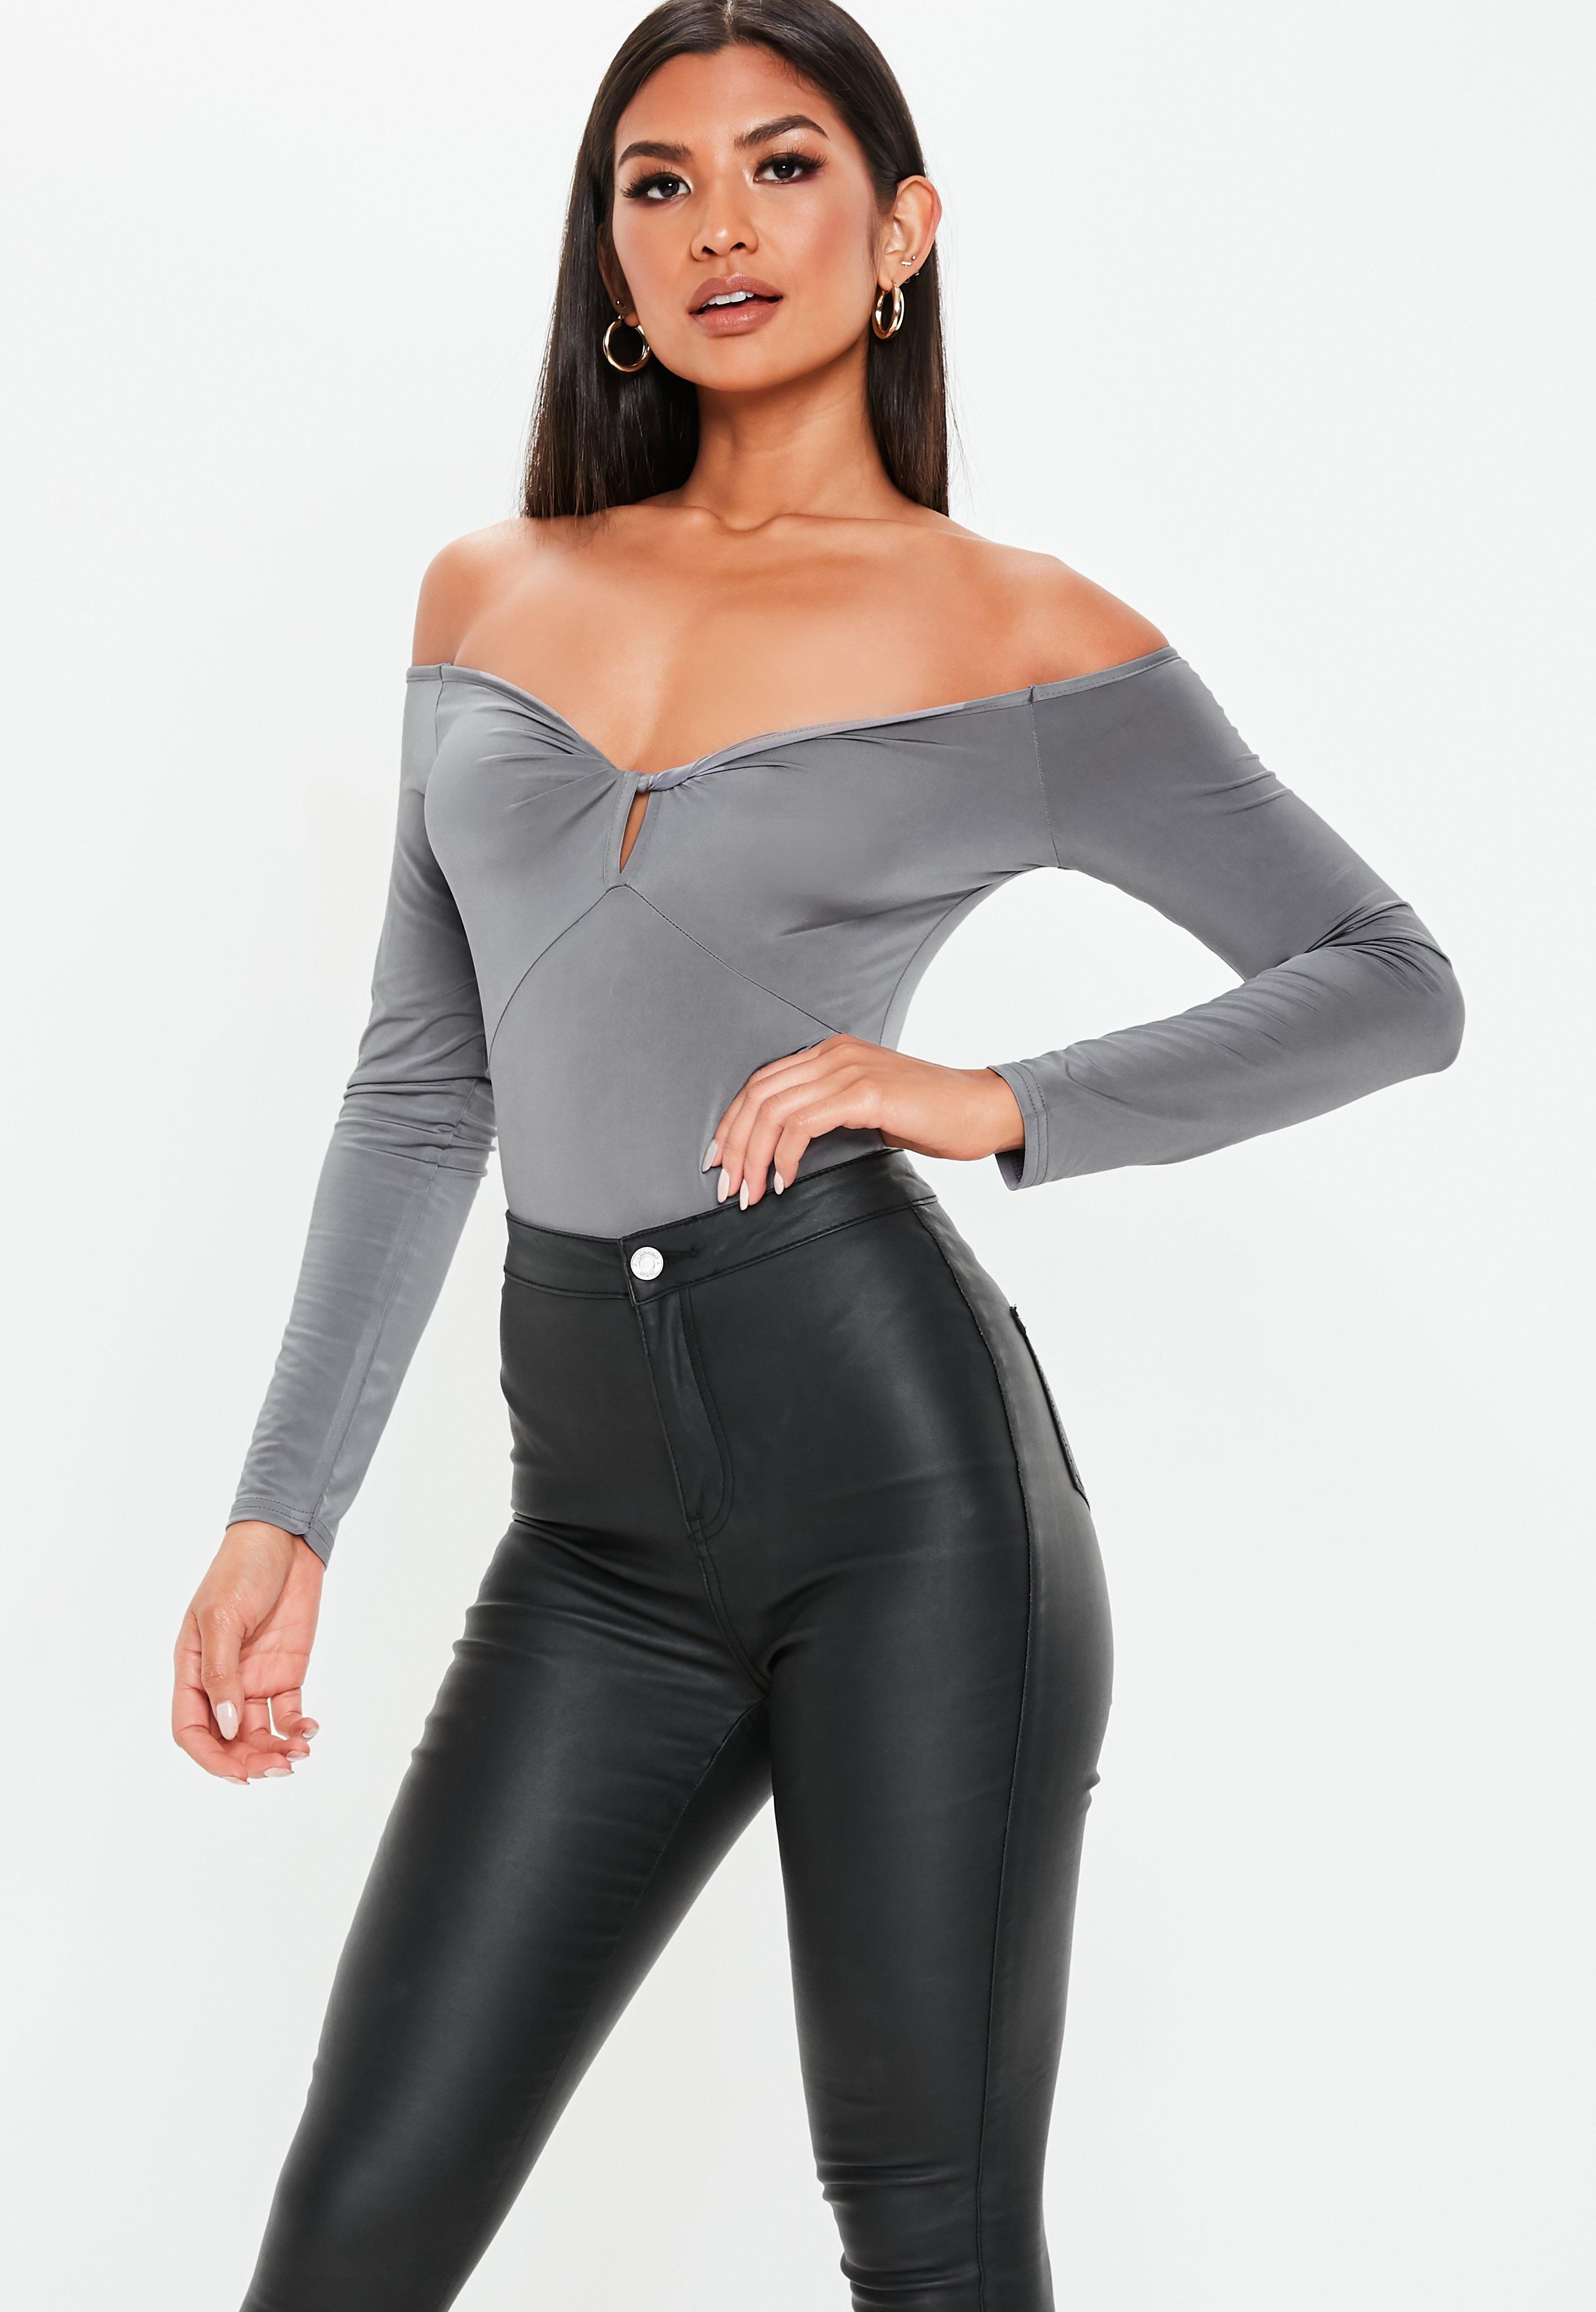 de6a32a3e5 Clothes Sale - Women s Cheap Clothes UK - Missguided